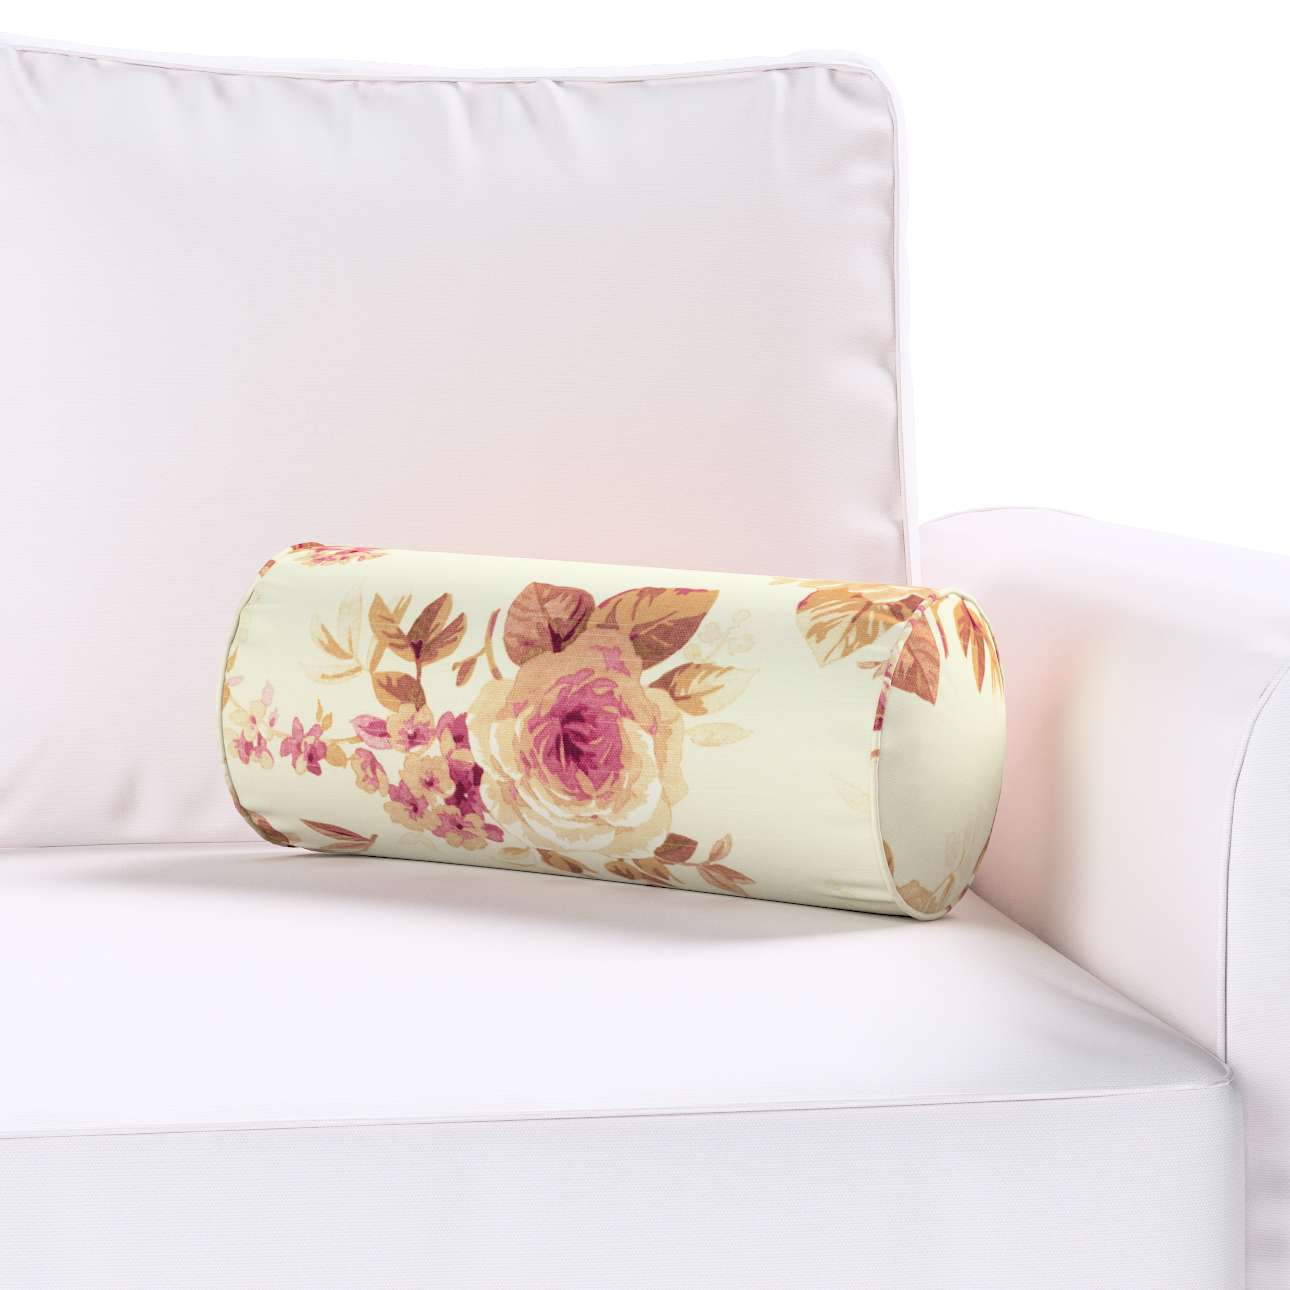 Poduszka wałek prosty Ø 16 x 40 cm w kolekcji Mirella, tkanina: 141-06